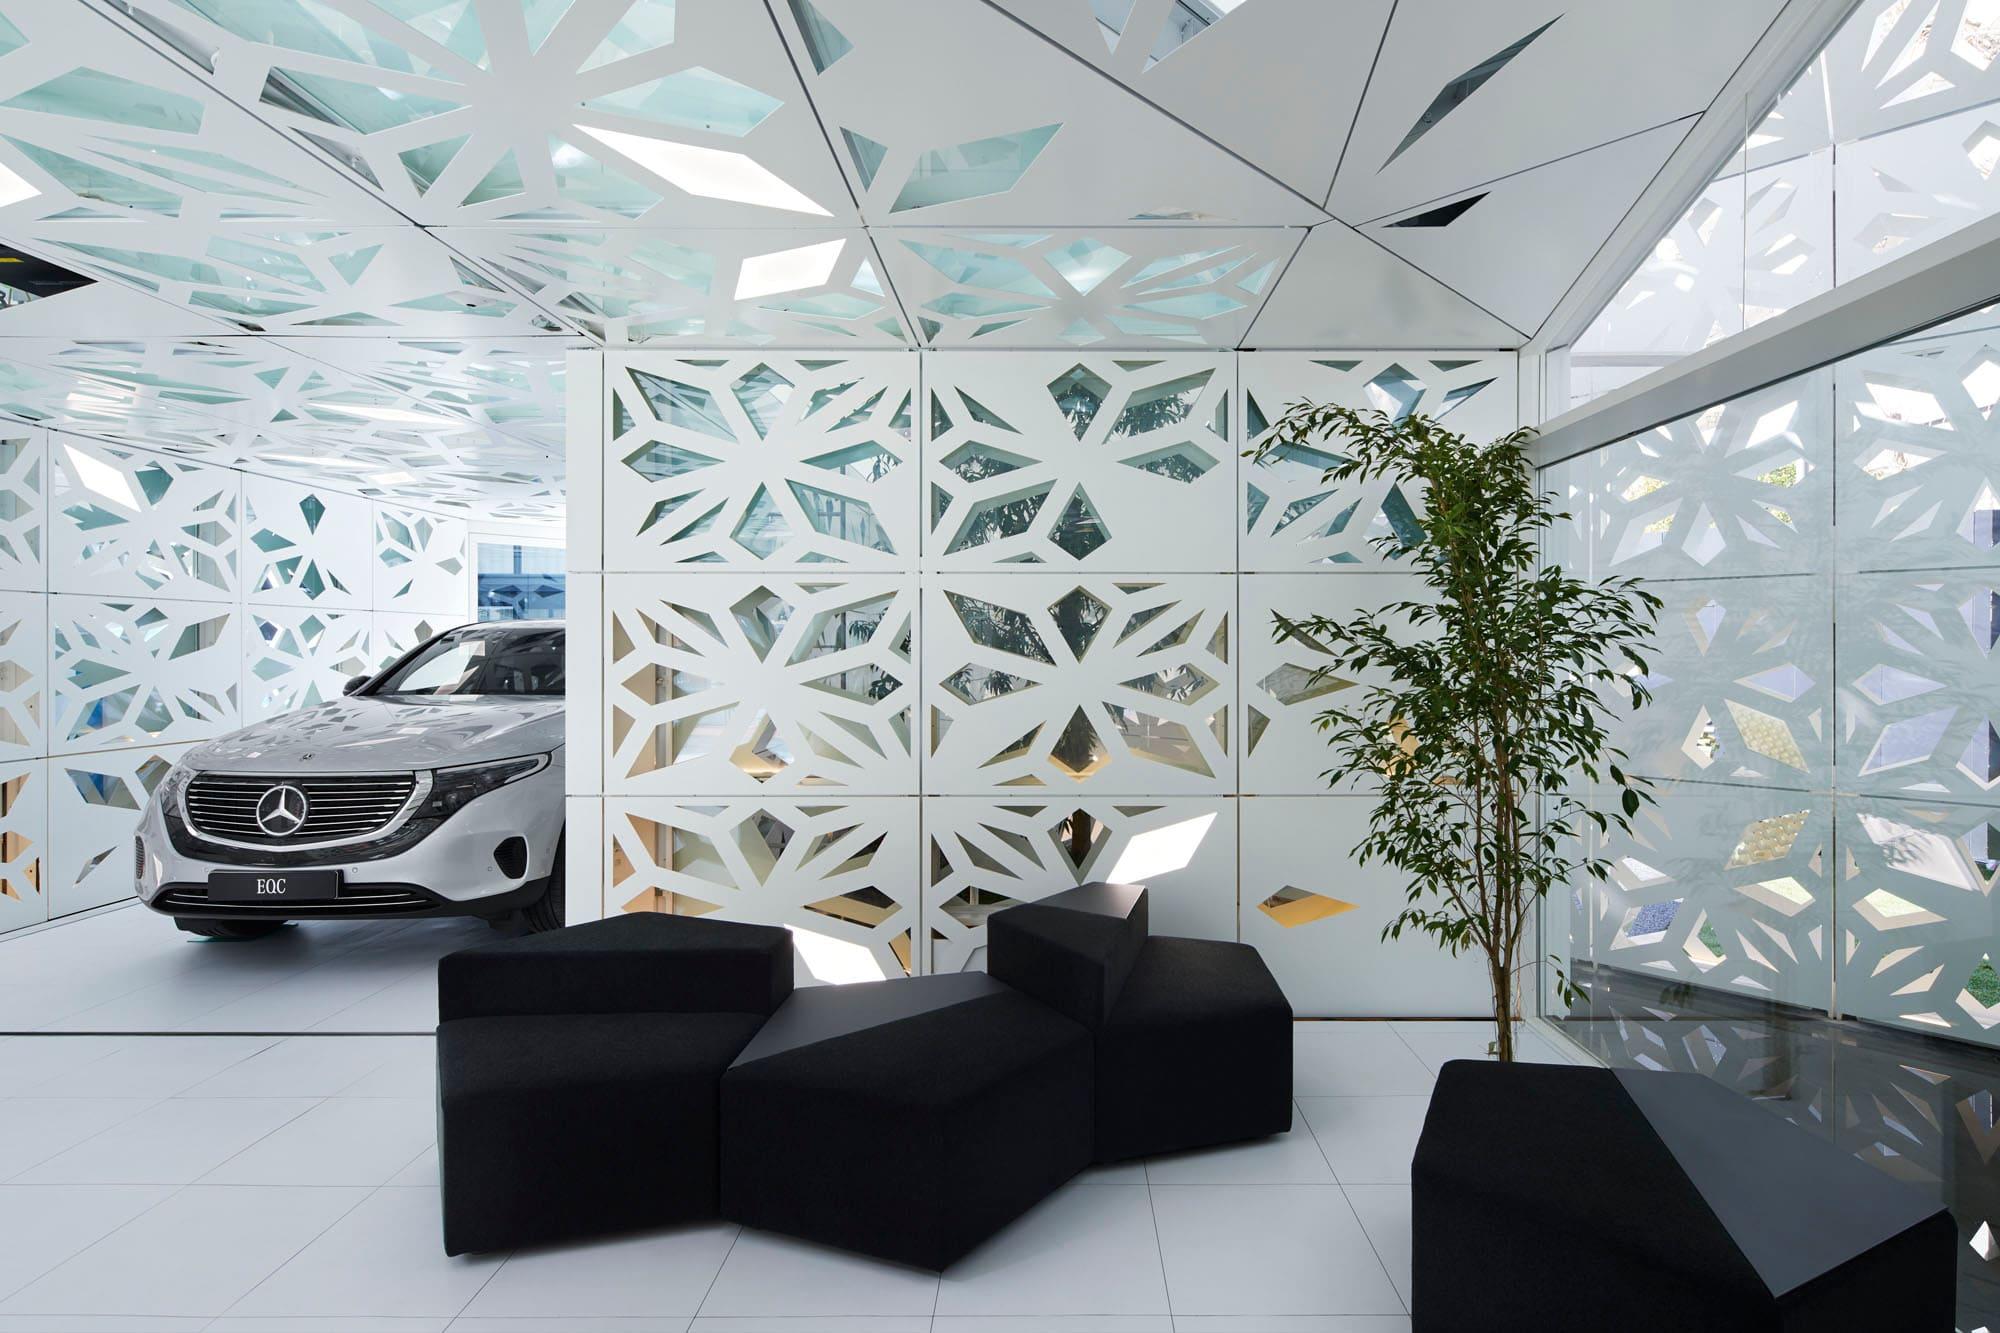 電気自動車EQCが生活空間の中心に入り込む © Nacása & Partners Inc